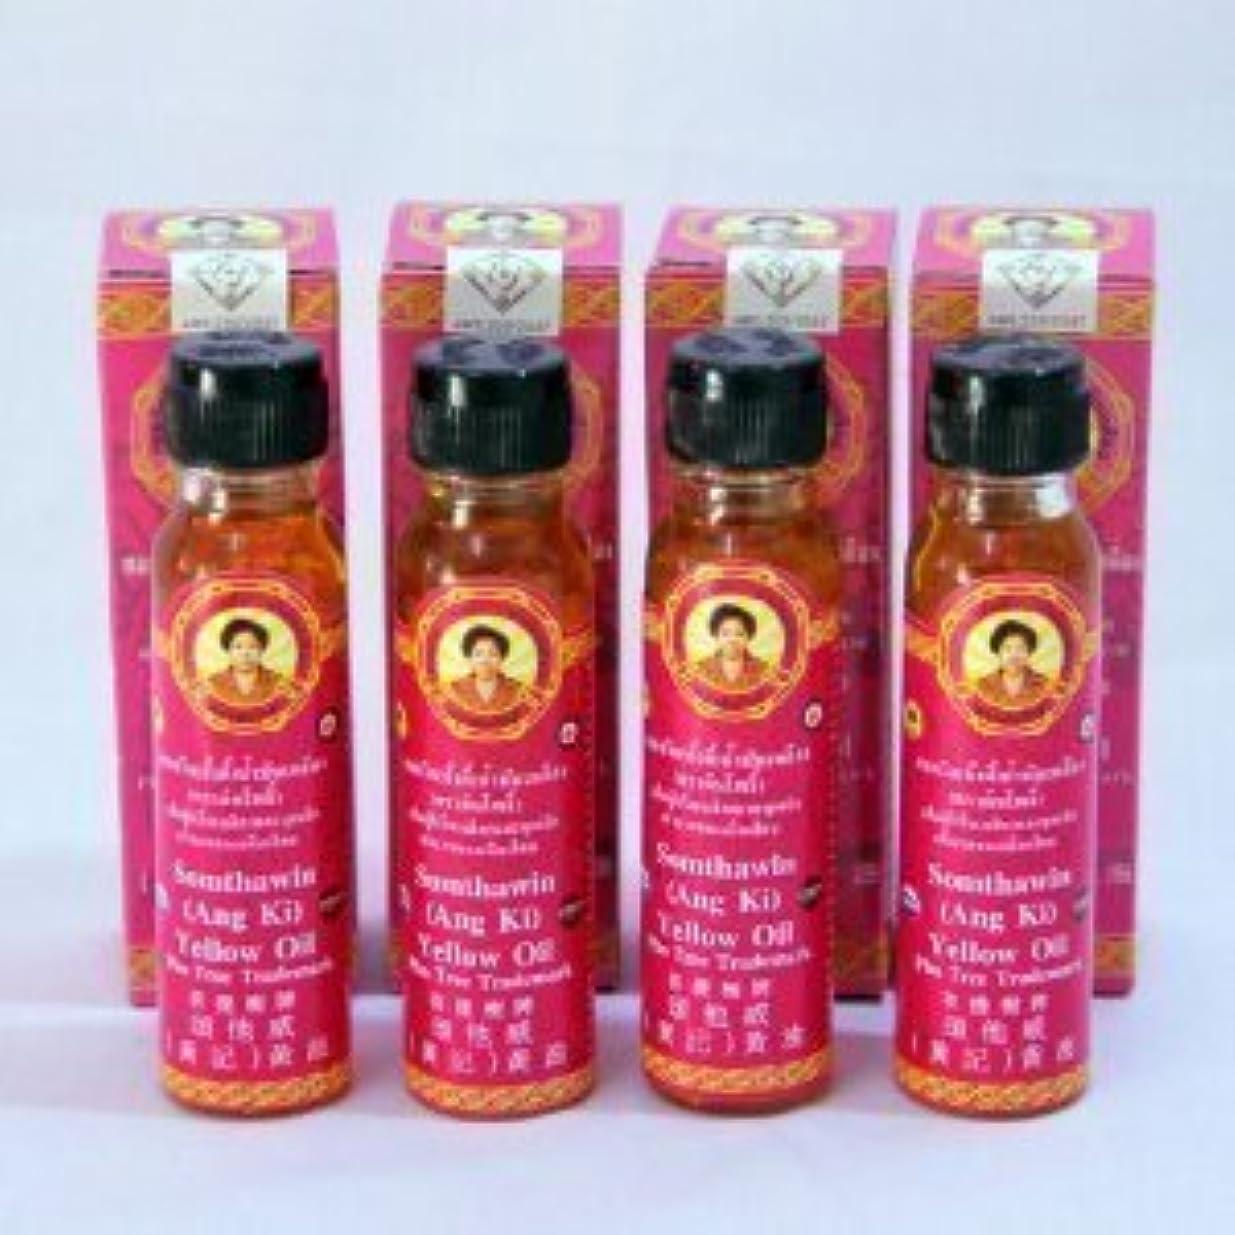 潮ゴールド熟達4x Angki Somthawin Hotel Spa Natural Thai Aroma Herb Yellow Oil 24cc Wholesale Price Made of Thailand by Thailand...